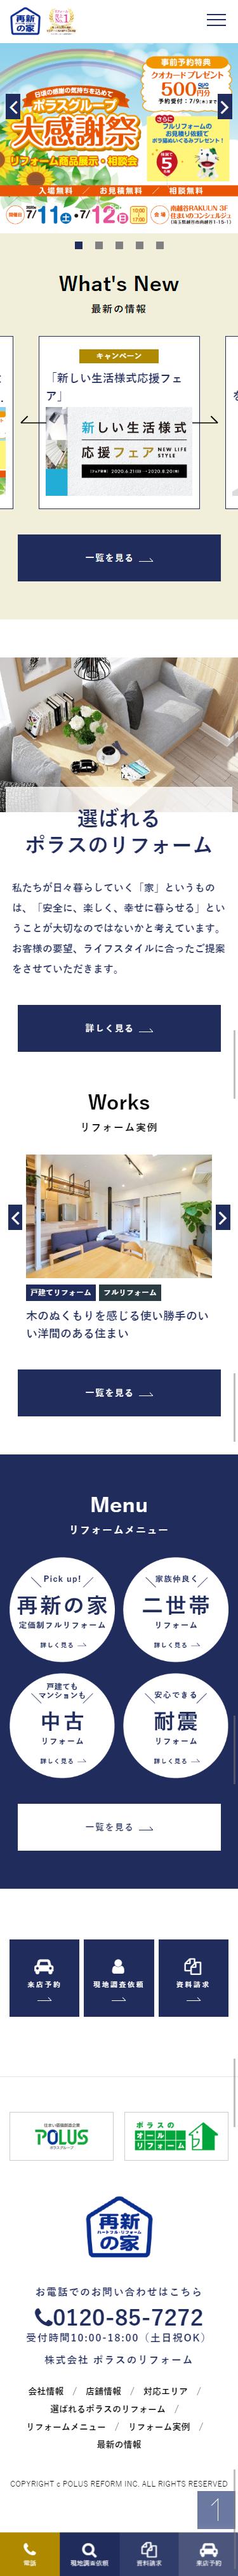 株式会社ポラスのリフォーム様 再新の家サイト